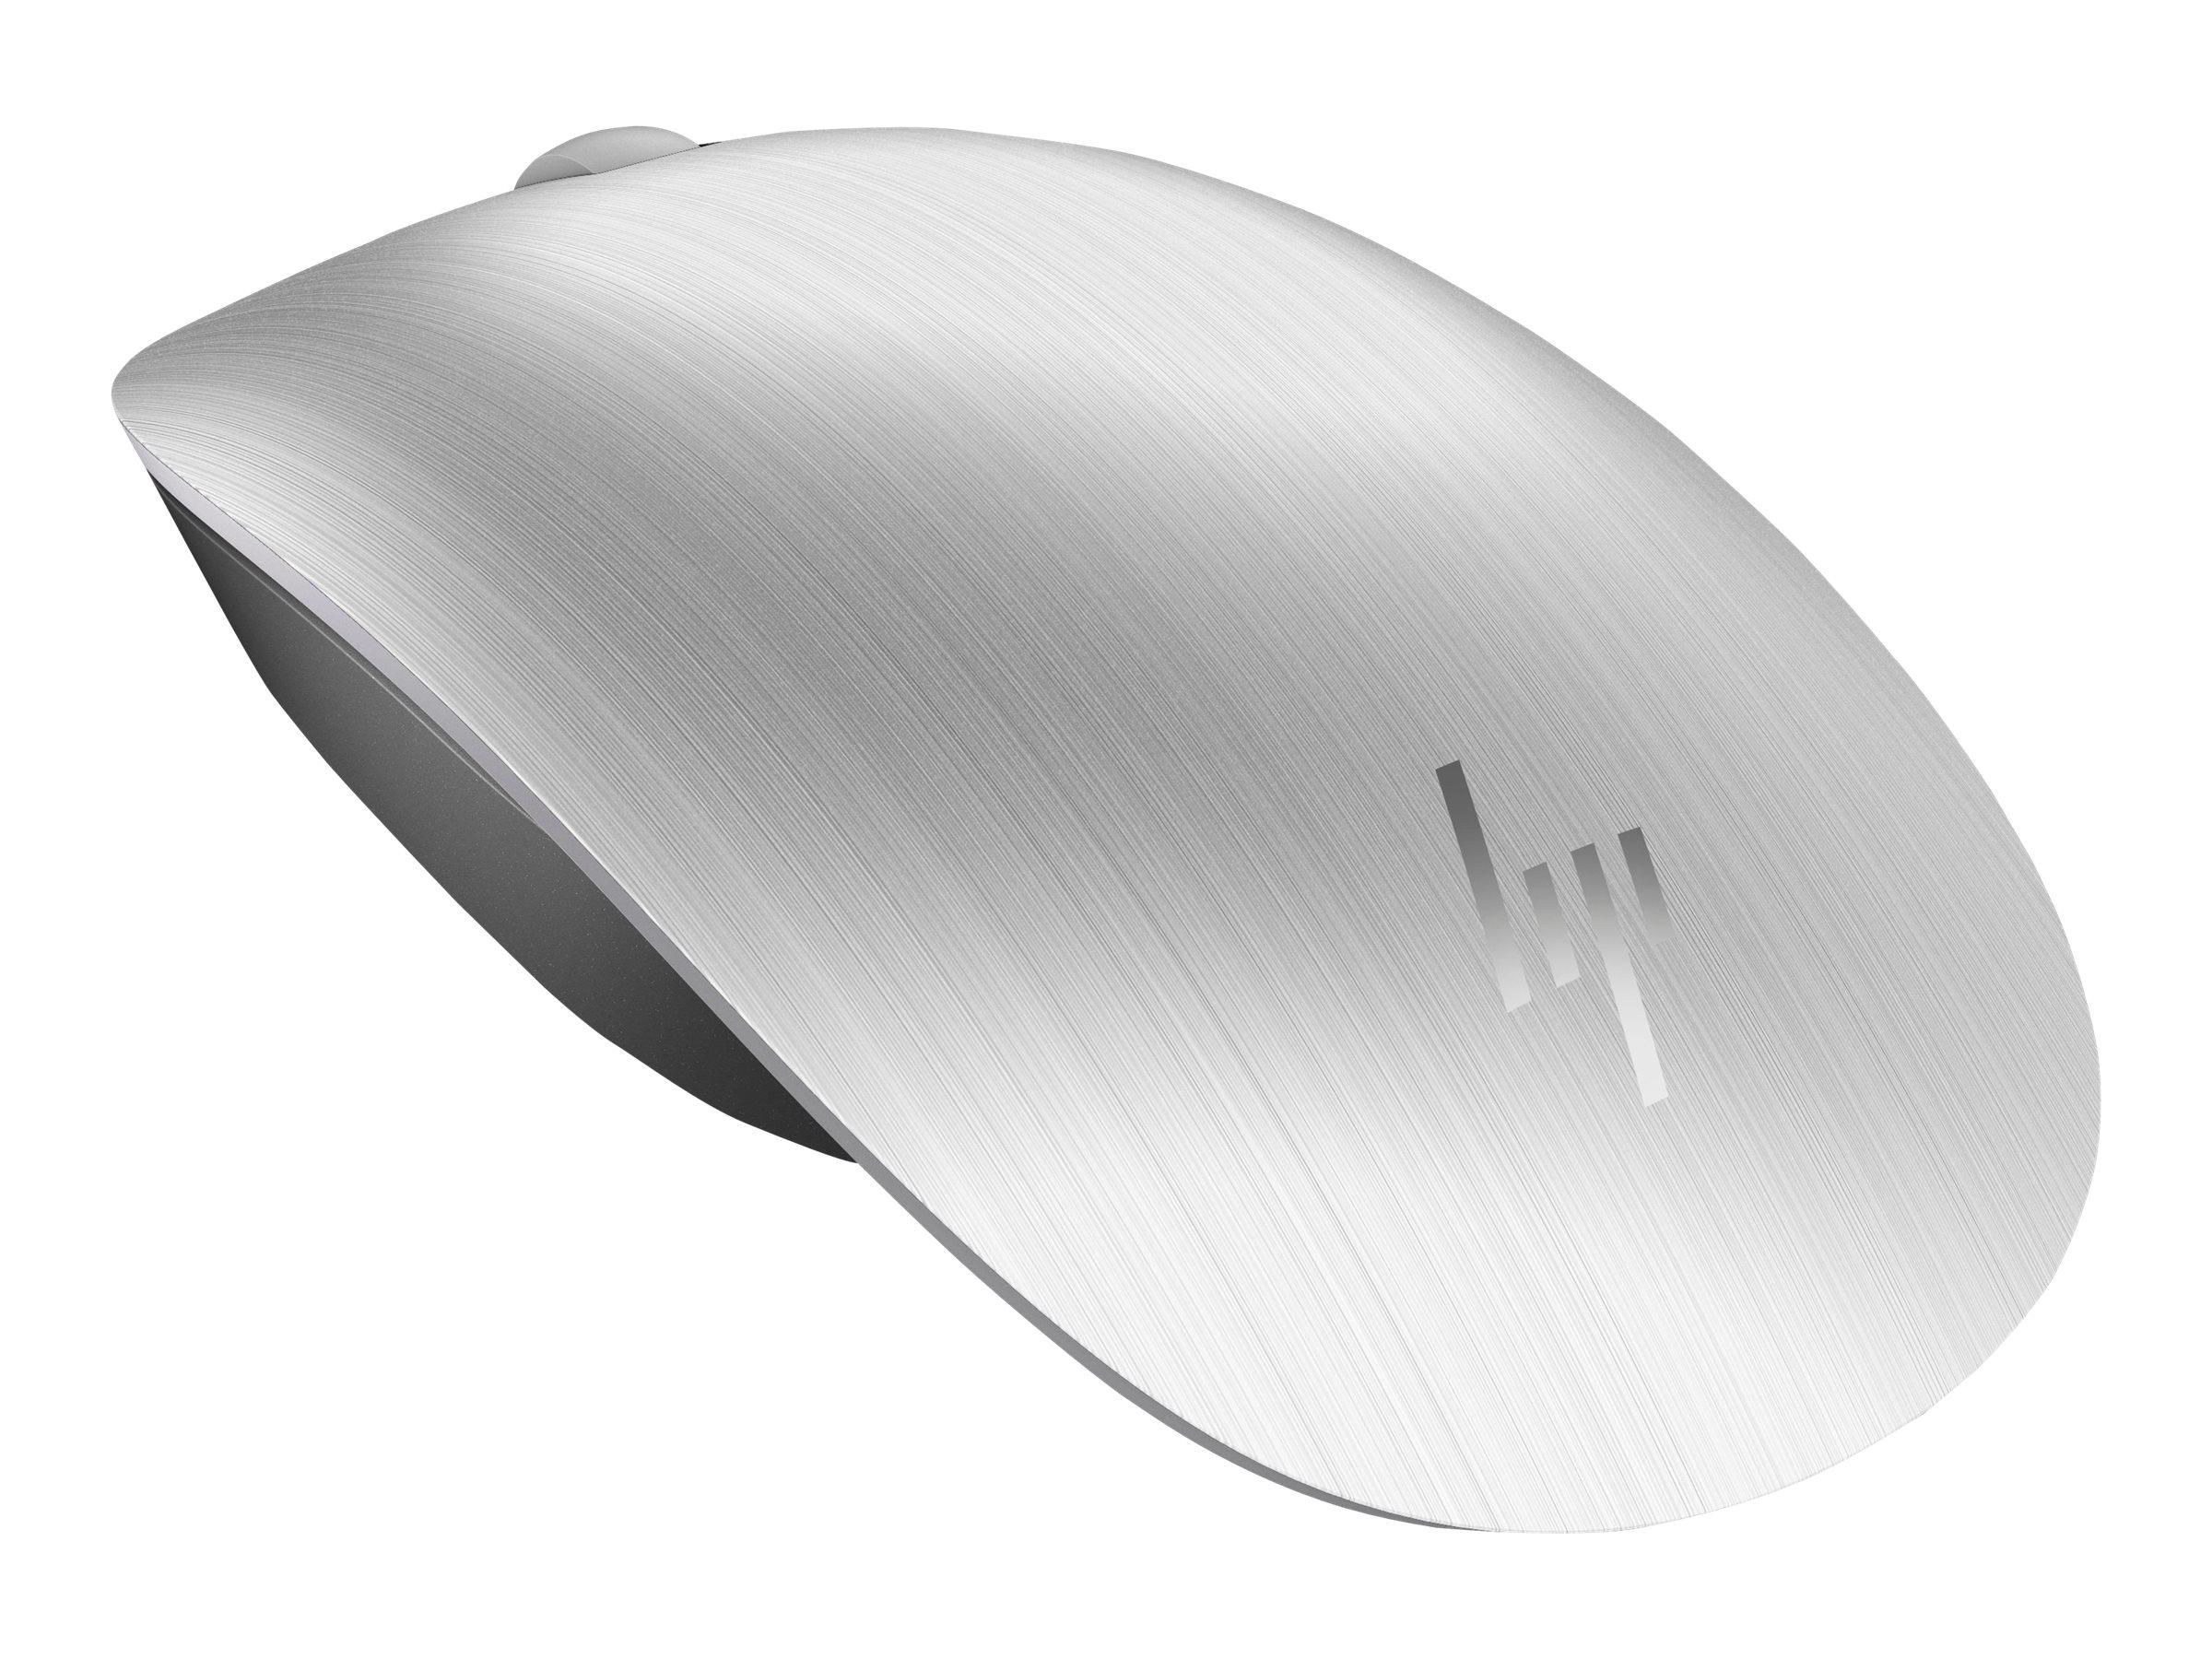 HP Spectre 500 - Maus - rechts- und linkshändig - optisch - kabellos - Bluetooth 3.0